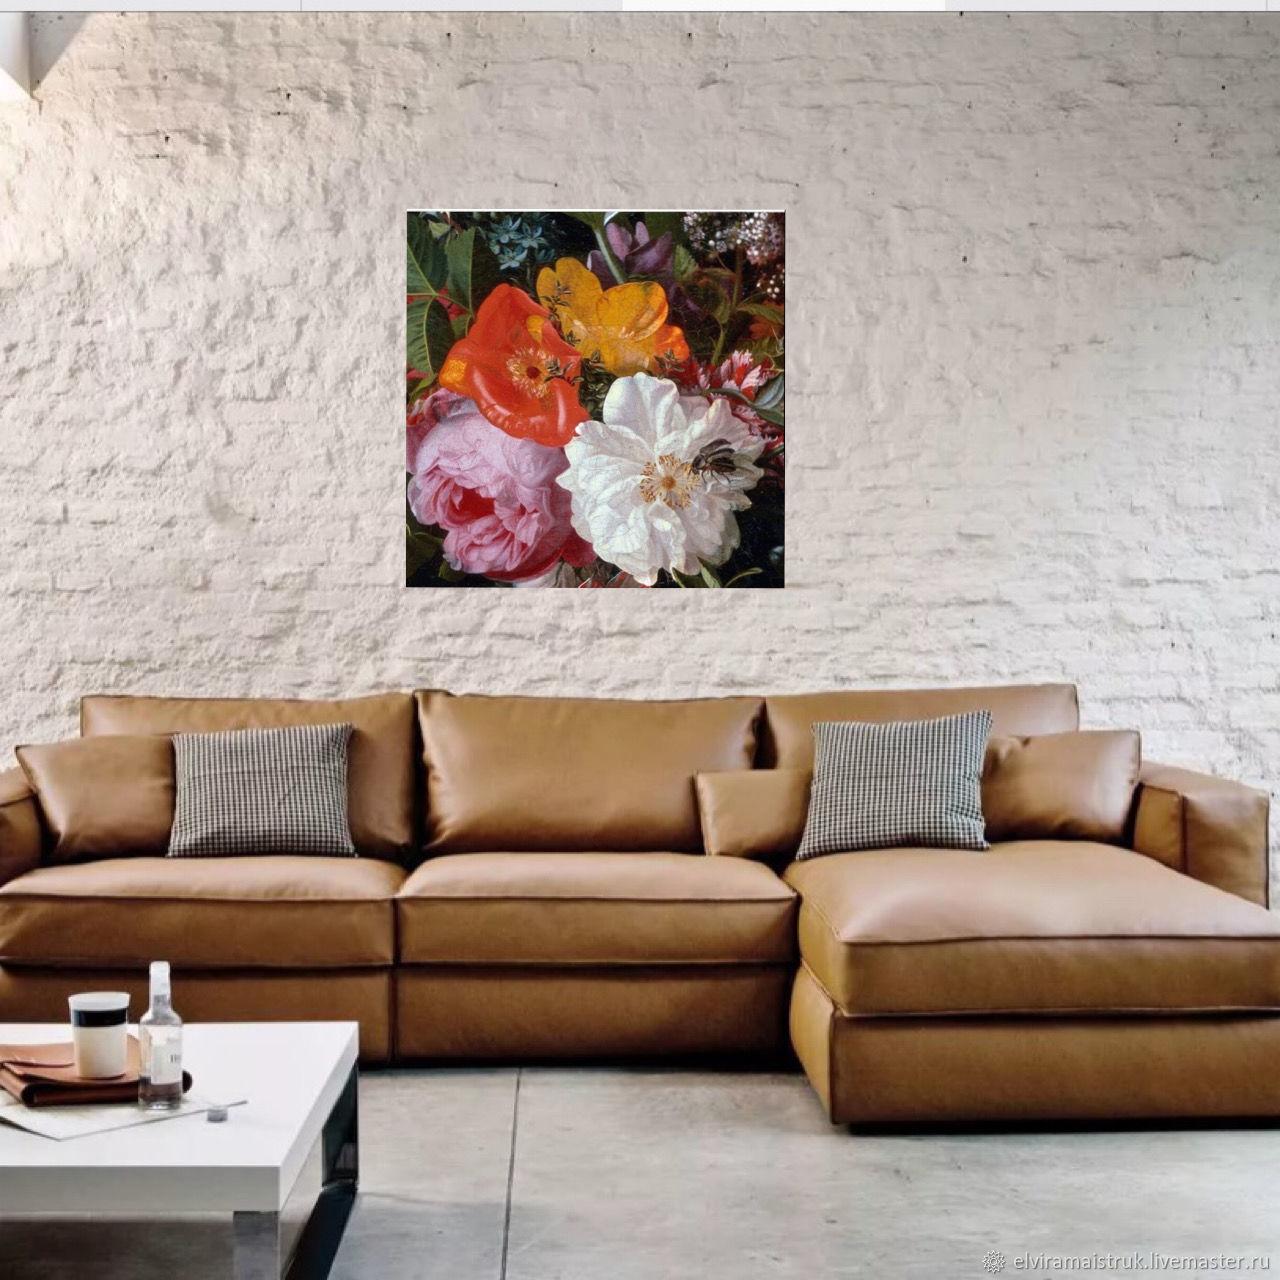 Интерьерная картина желтая красная зеленая розовая белая, Картины, Санкт-Петербург,  Фото №1